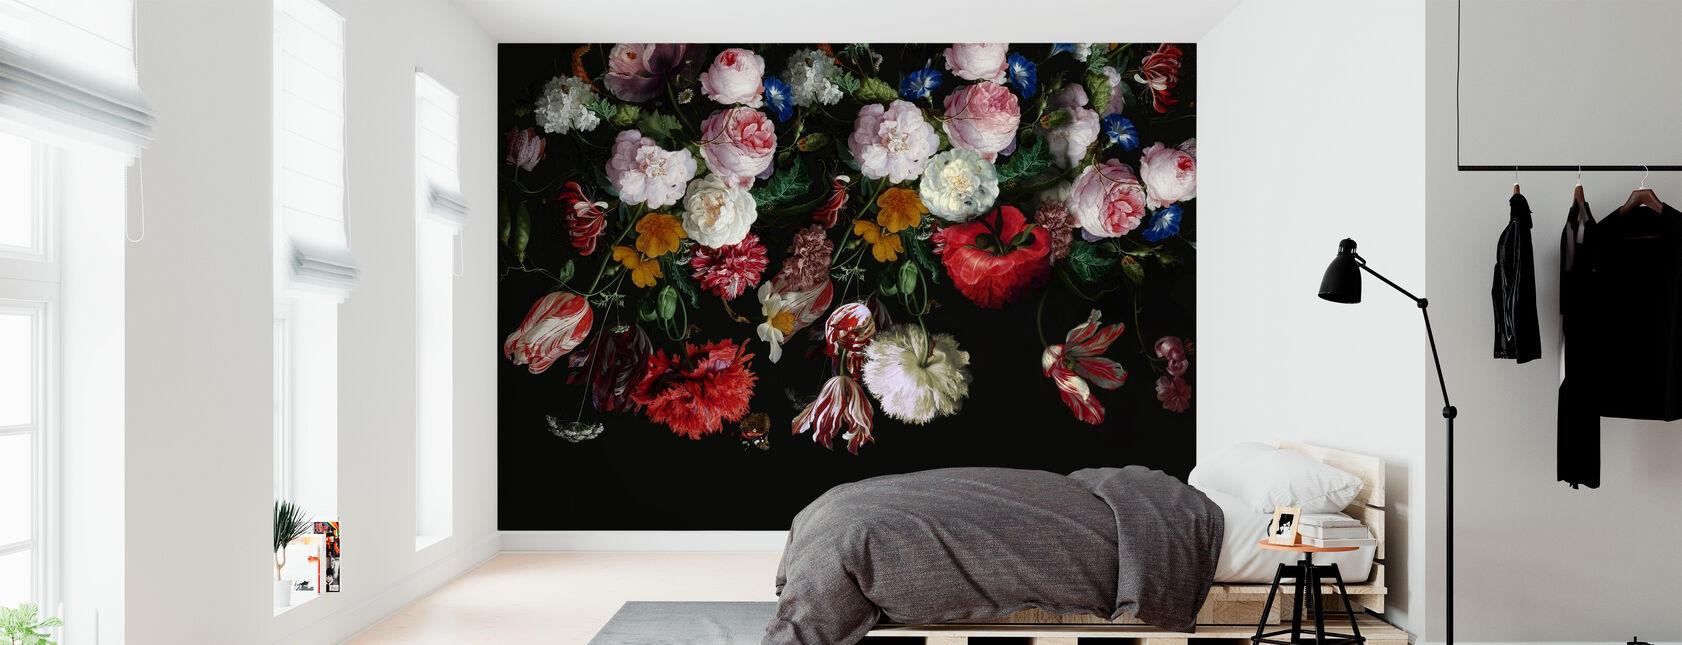 Fargerike blomster på svart bakgrunn - Tapet - Soverom